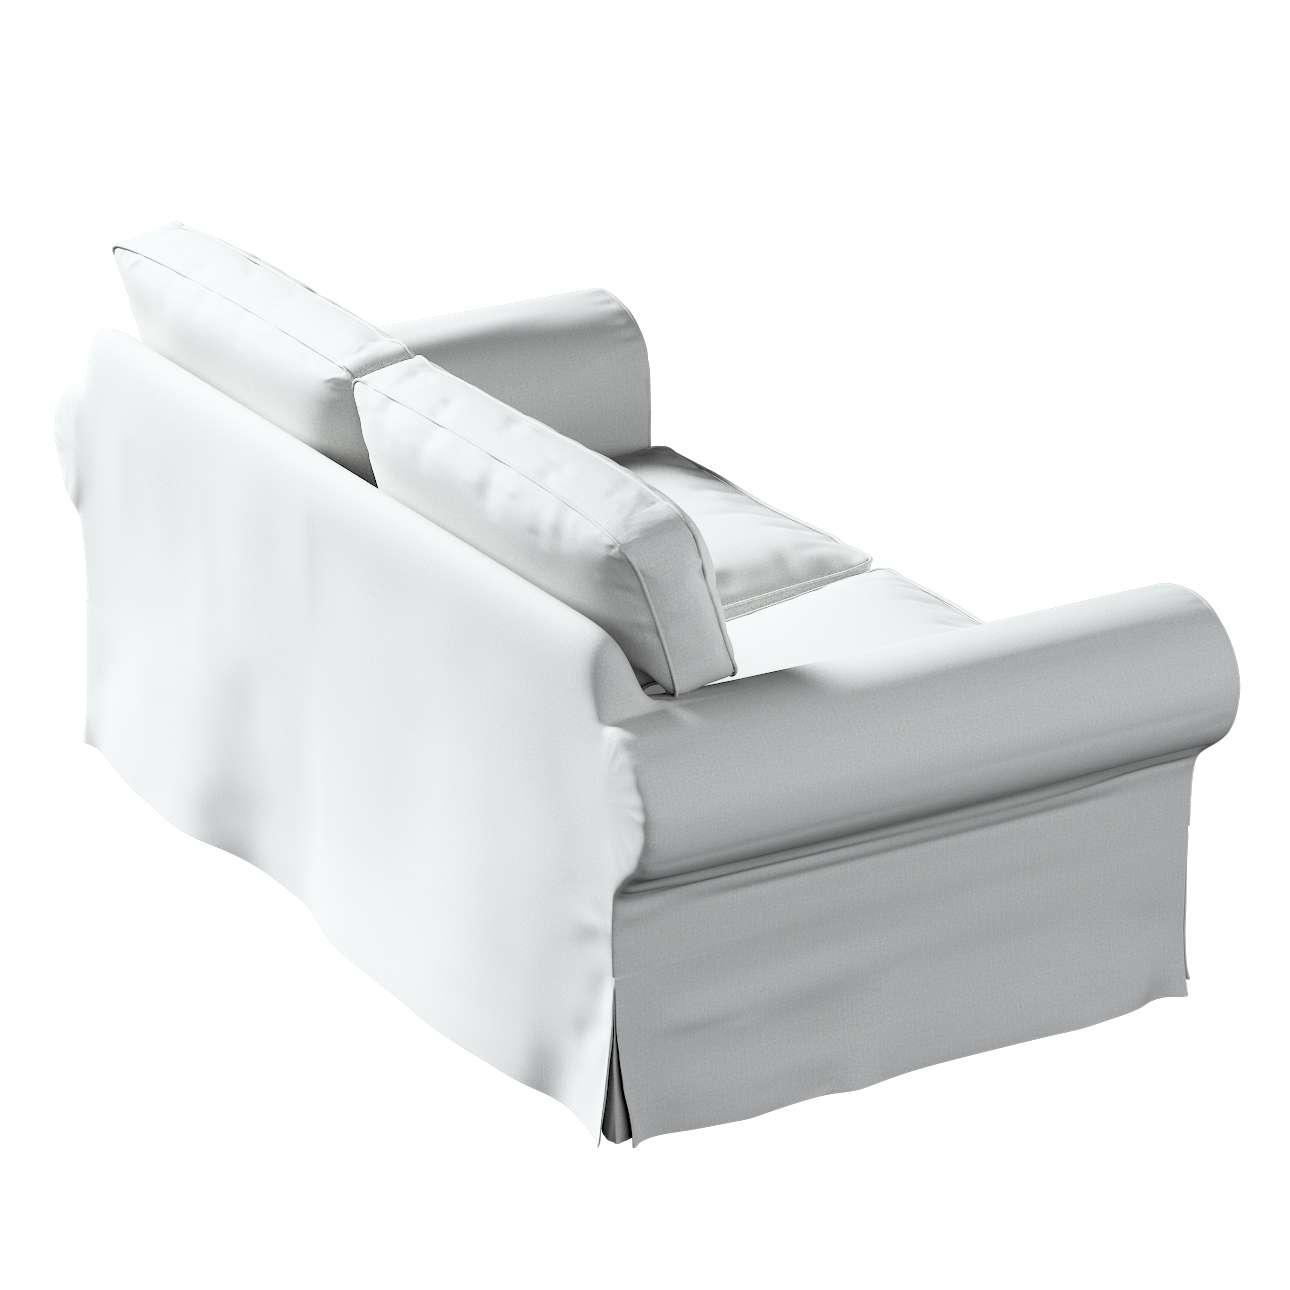 Pokrowiec na sofę Ektorp 2-osobową rozkładaną, model po 2012 w kolekcji Living, tkanina: 161-18